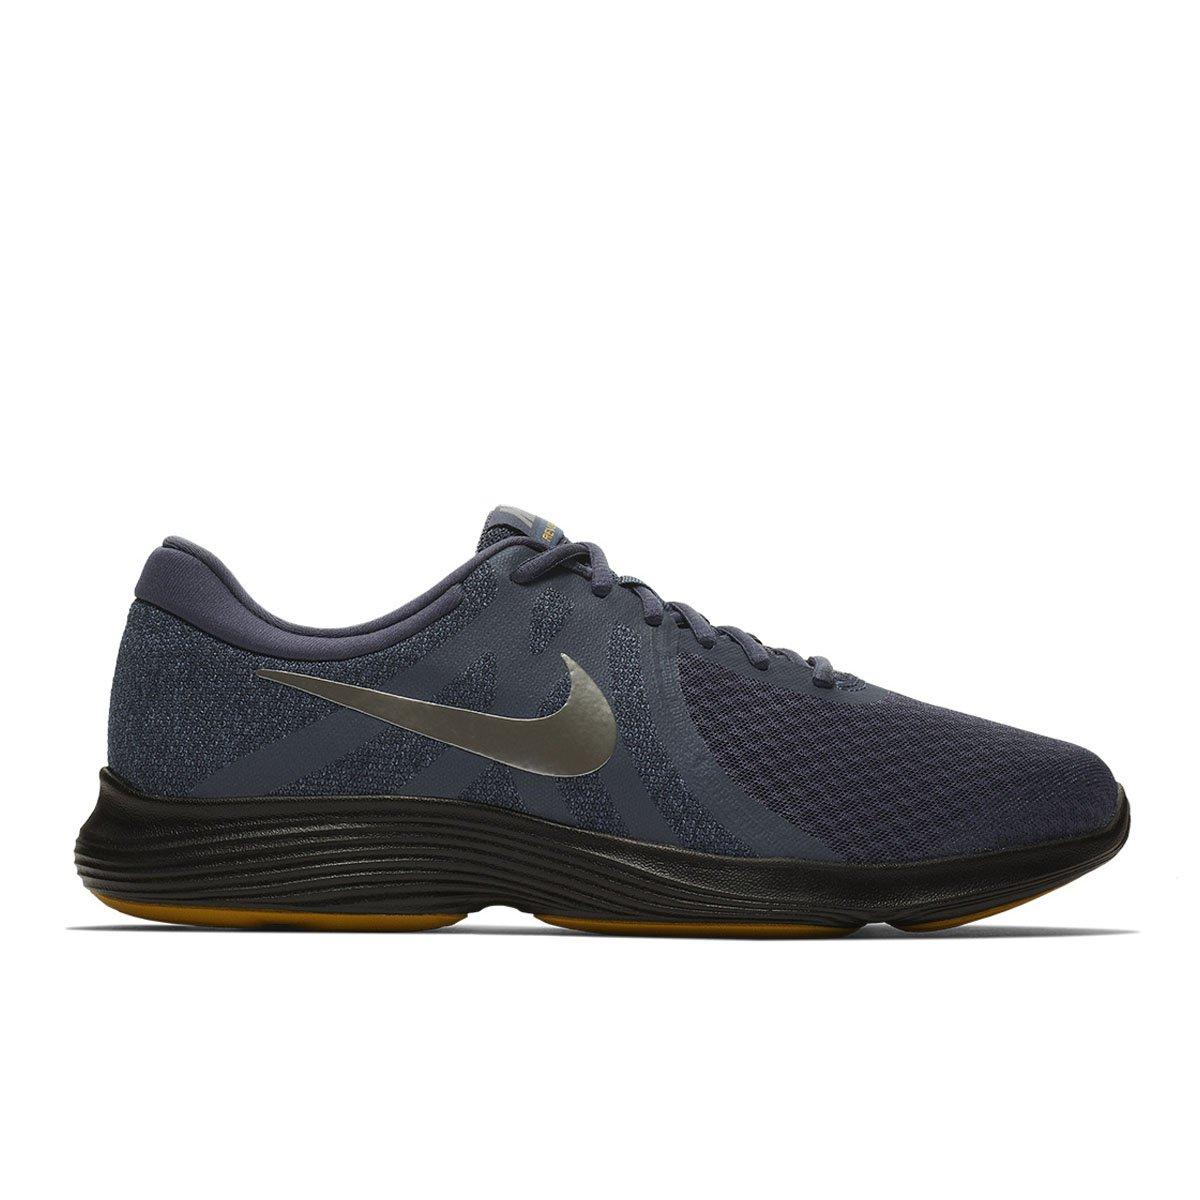 Tênis Nike Revolution 4 Masculino - Preto e Cinza - Compre Agora ... a393ffbdb4aea